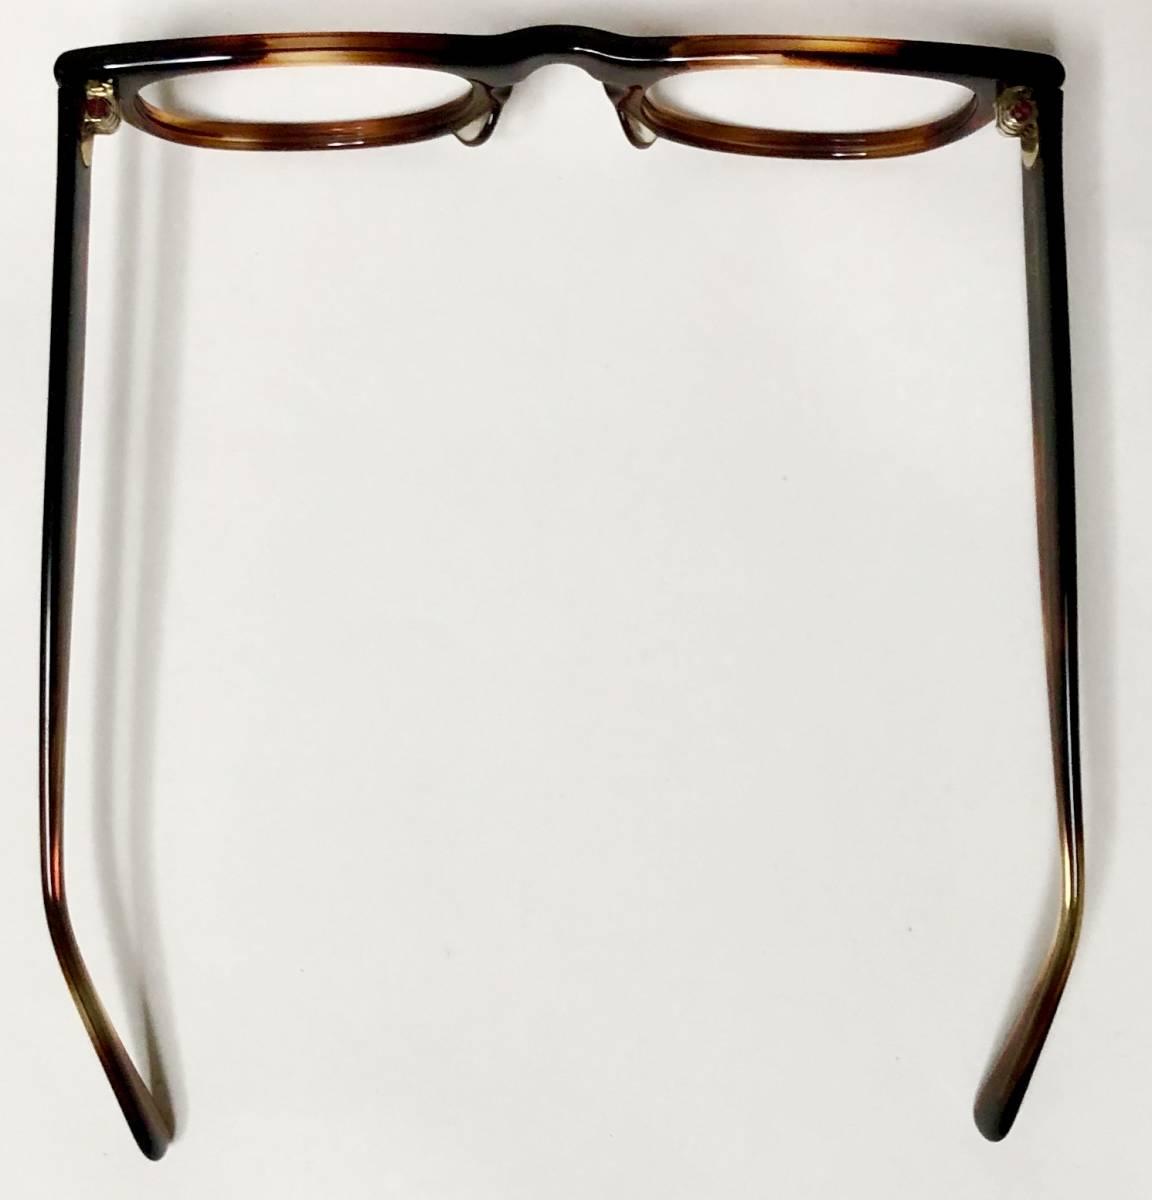 新品・1960年代頃】アメリカンオプティカル AO メガネ American Optical アンバー 米国製 ビンテージ / ヴィンテージ_画像9